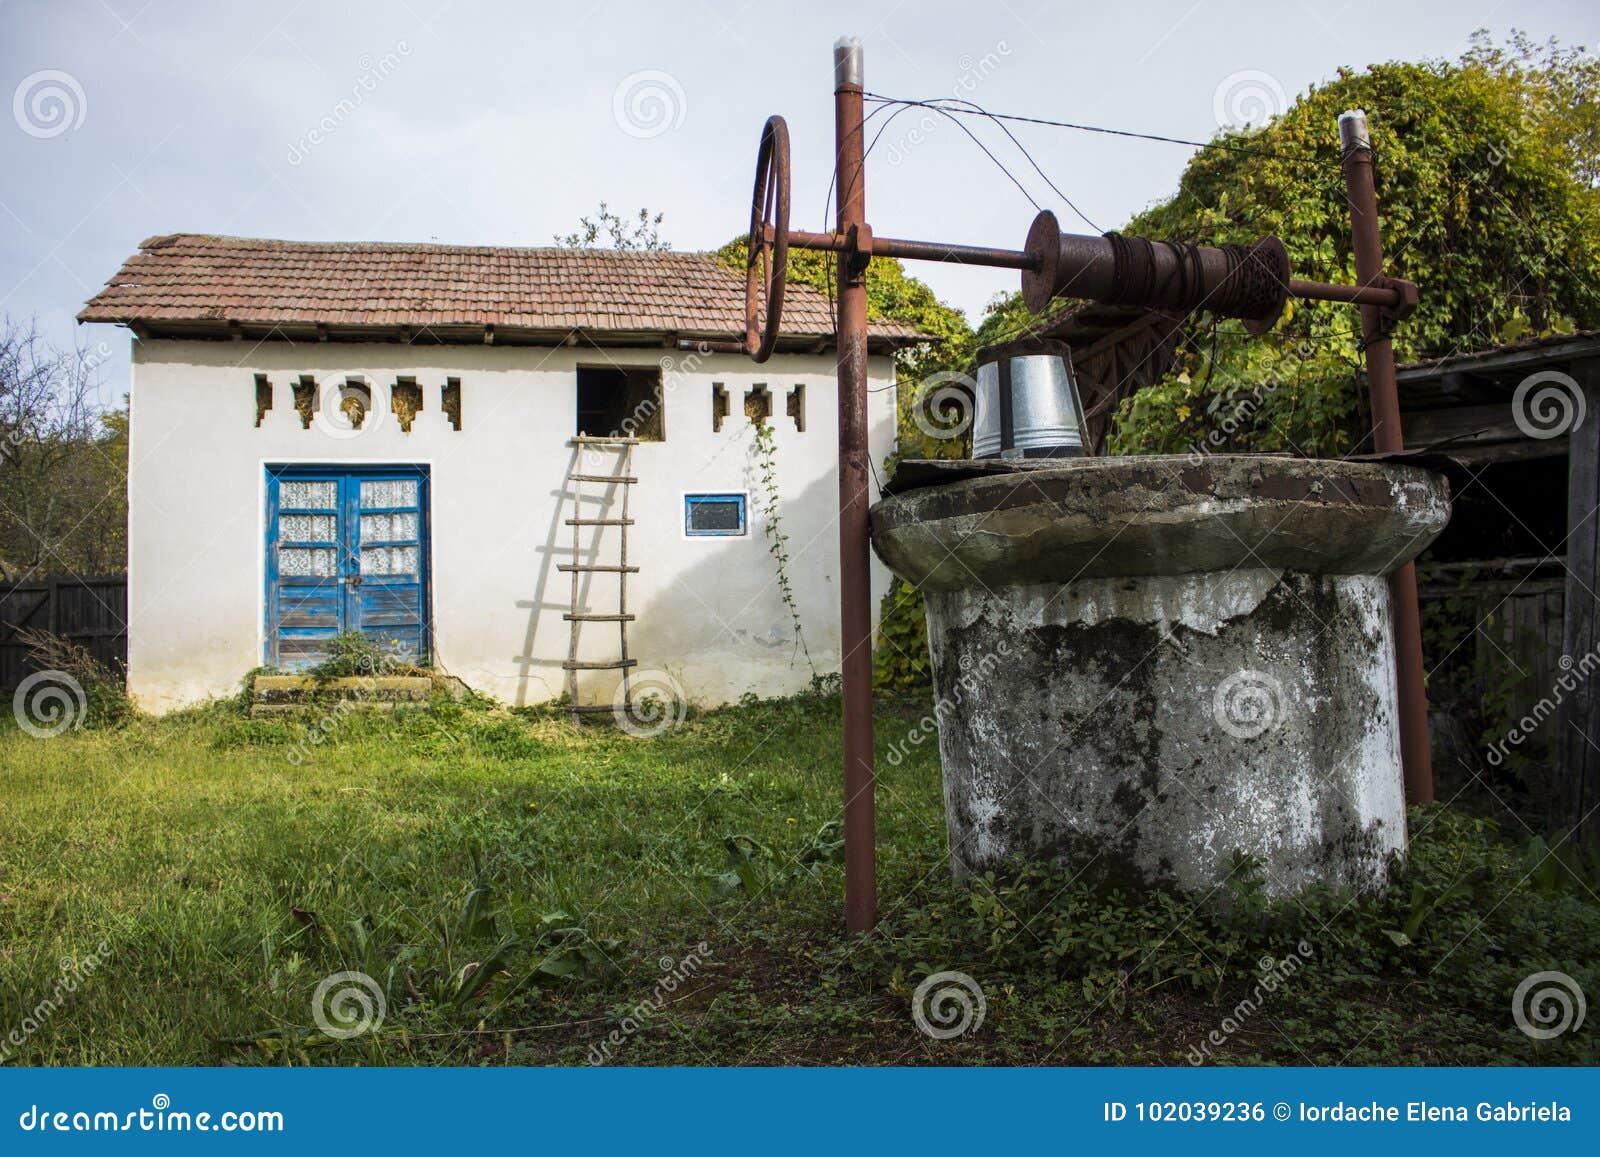 Eastern european barn and well